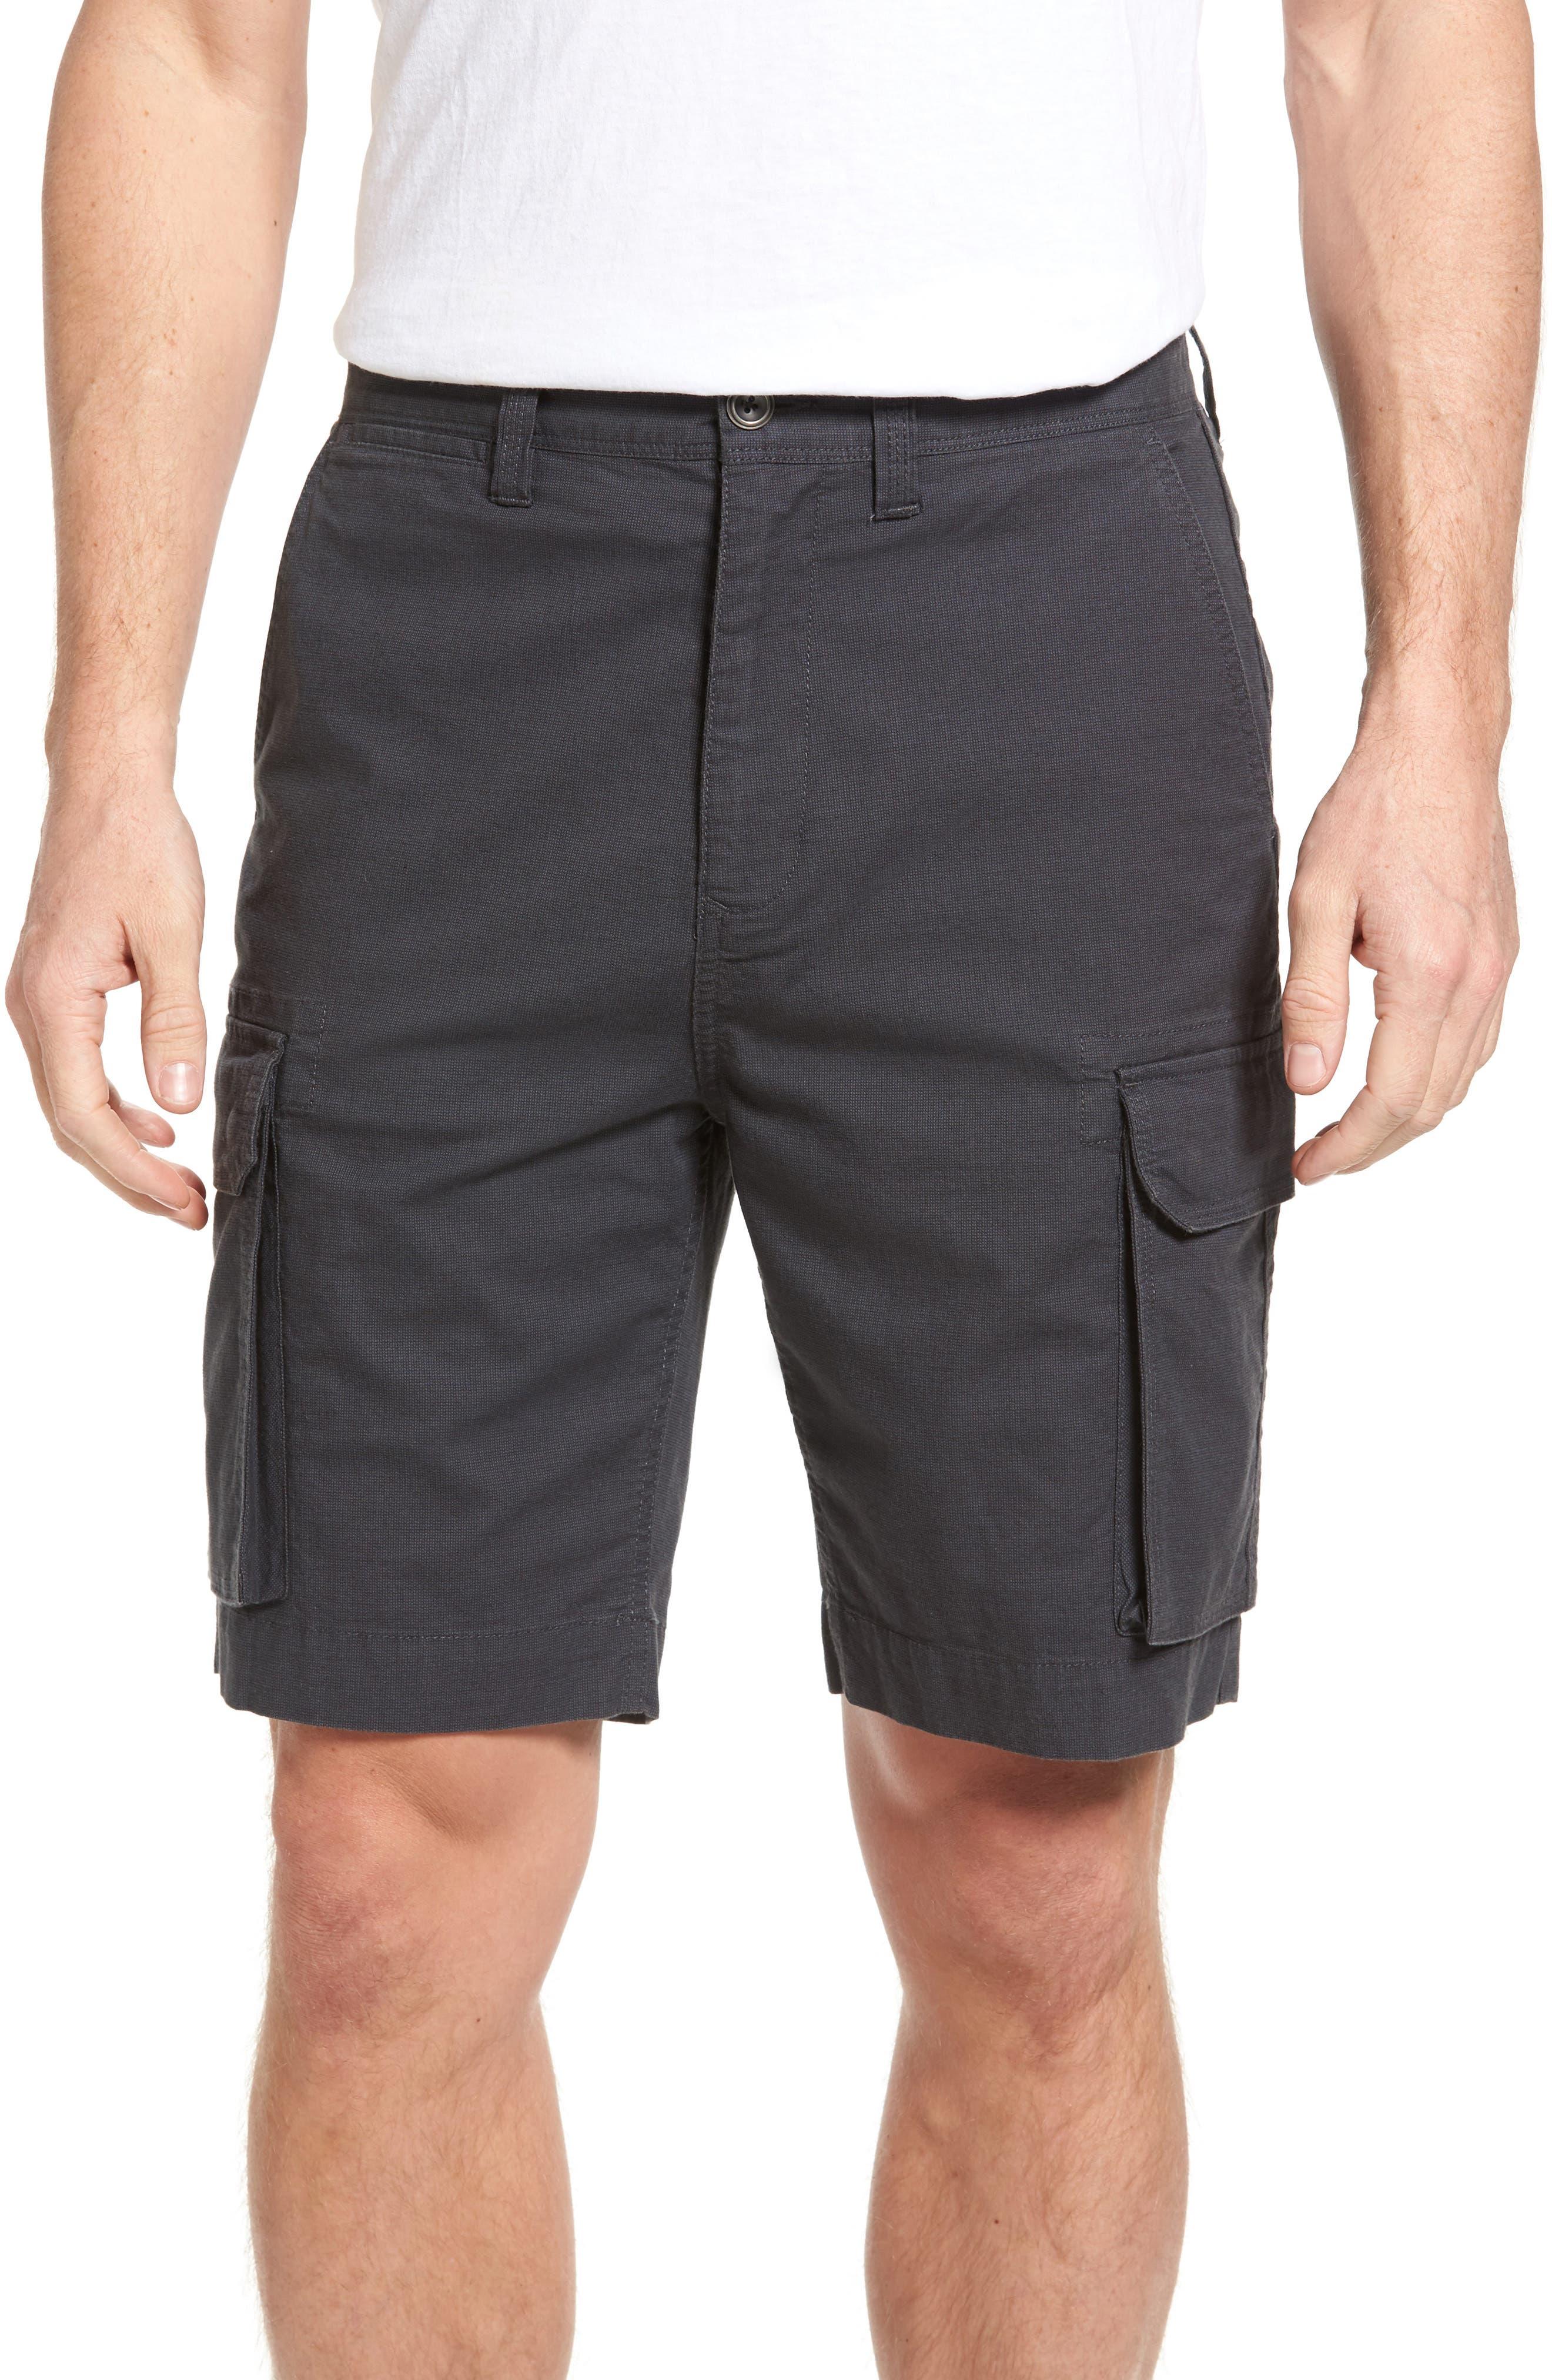 Ludstone Cargo Shorts,                         Main,                         color, Blue Graphite